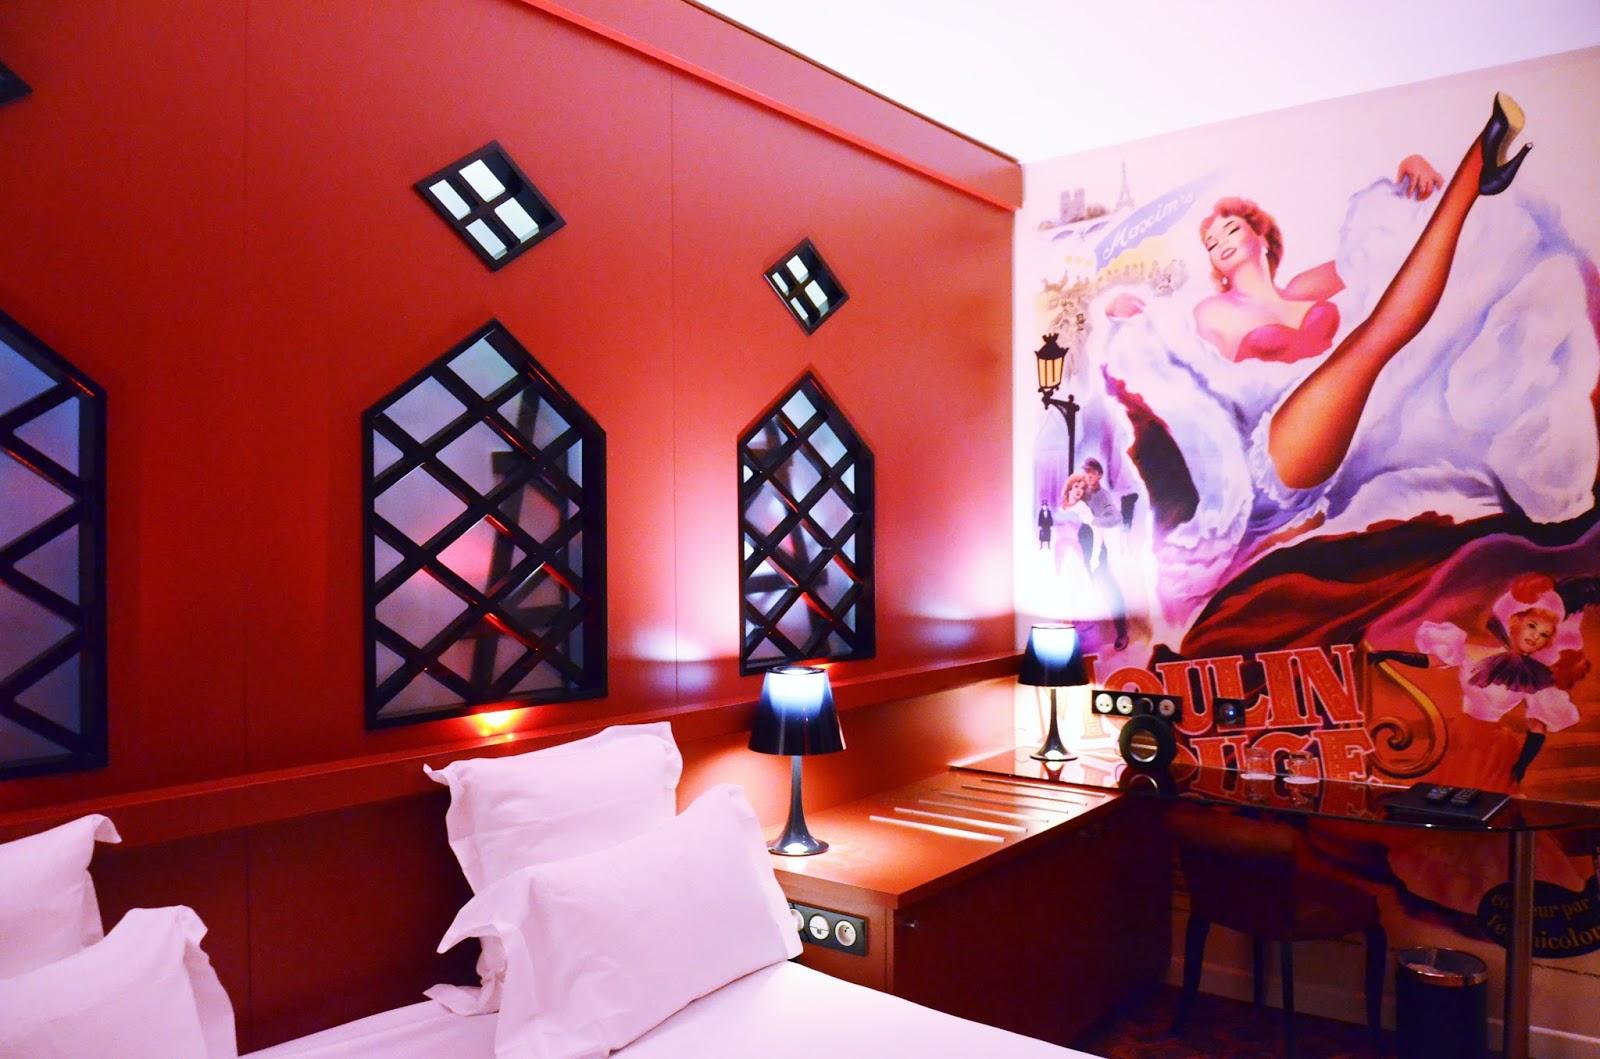 H tel design secret de paris dormir dans un monument for Design secret hotel